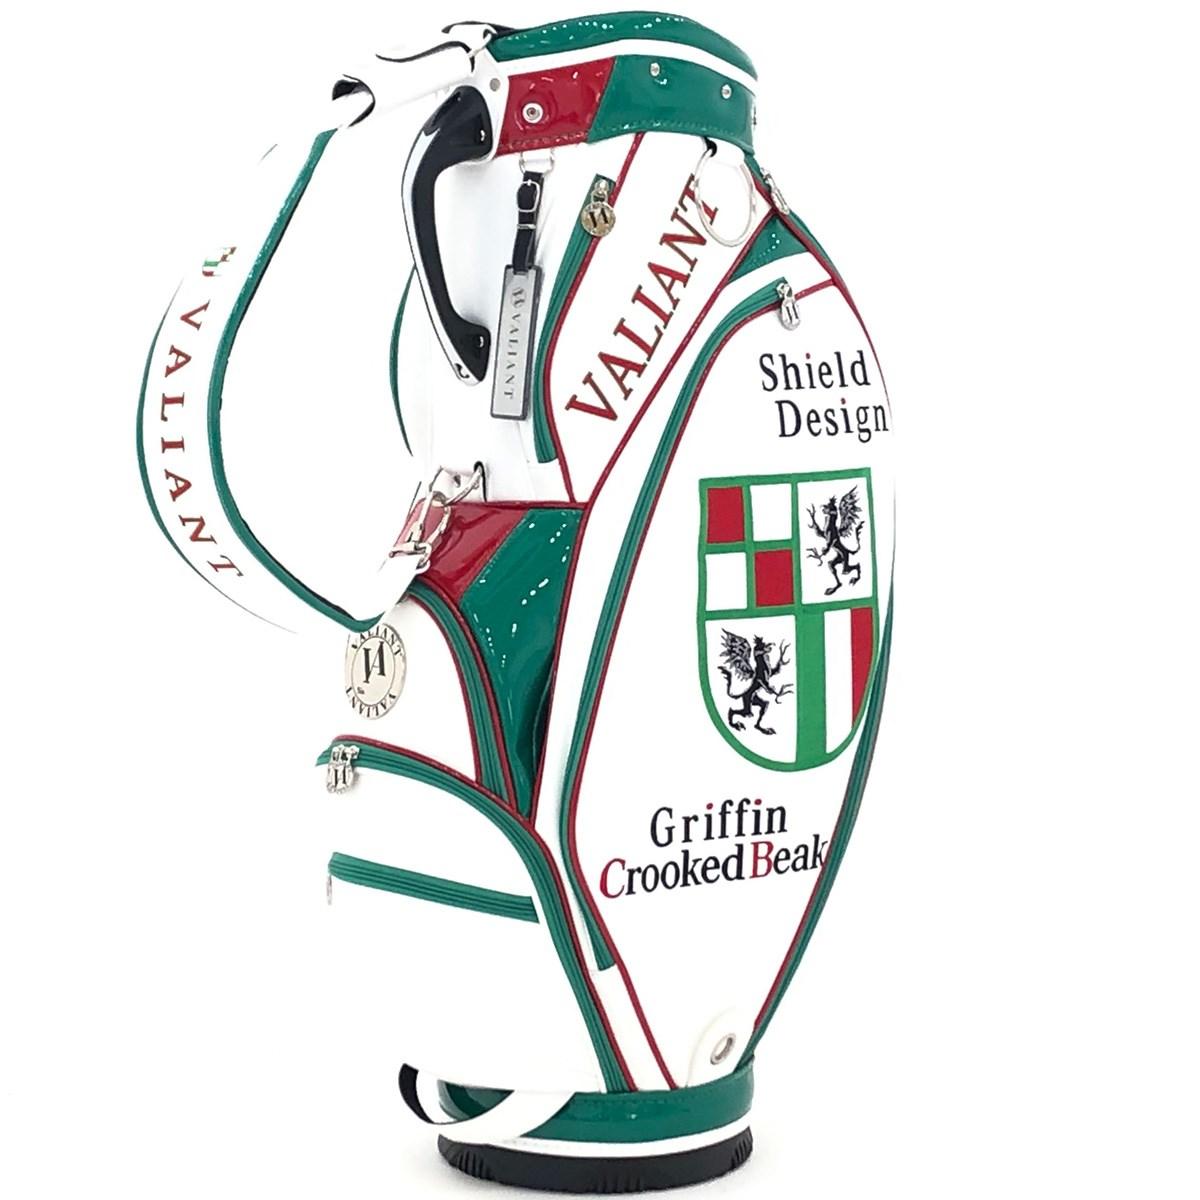 シェリフ VALIANT シールドコレクション キャディバッグ イタリアカラー